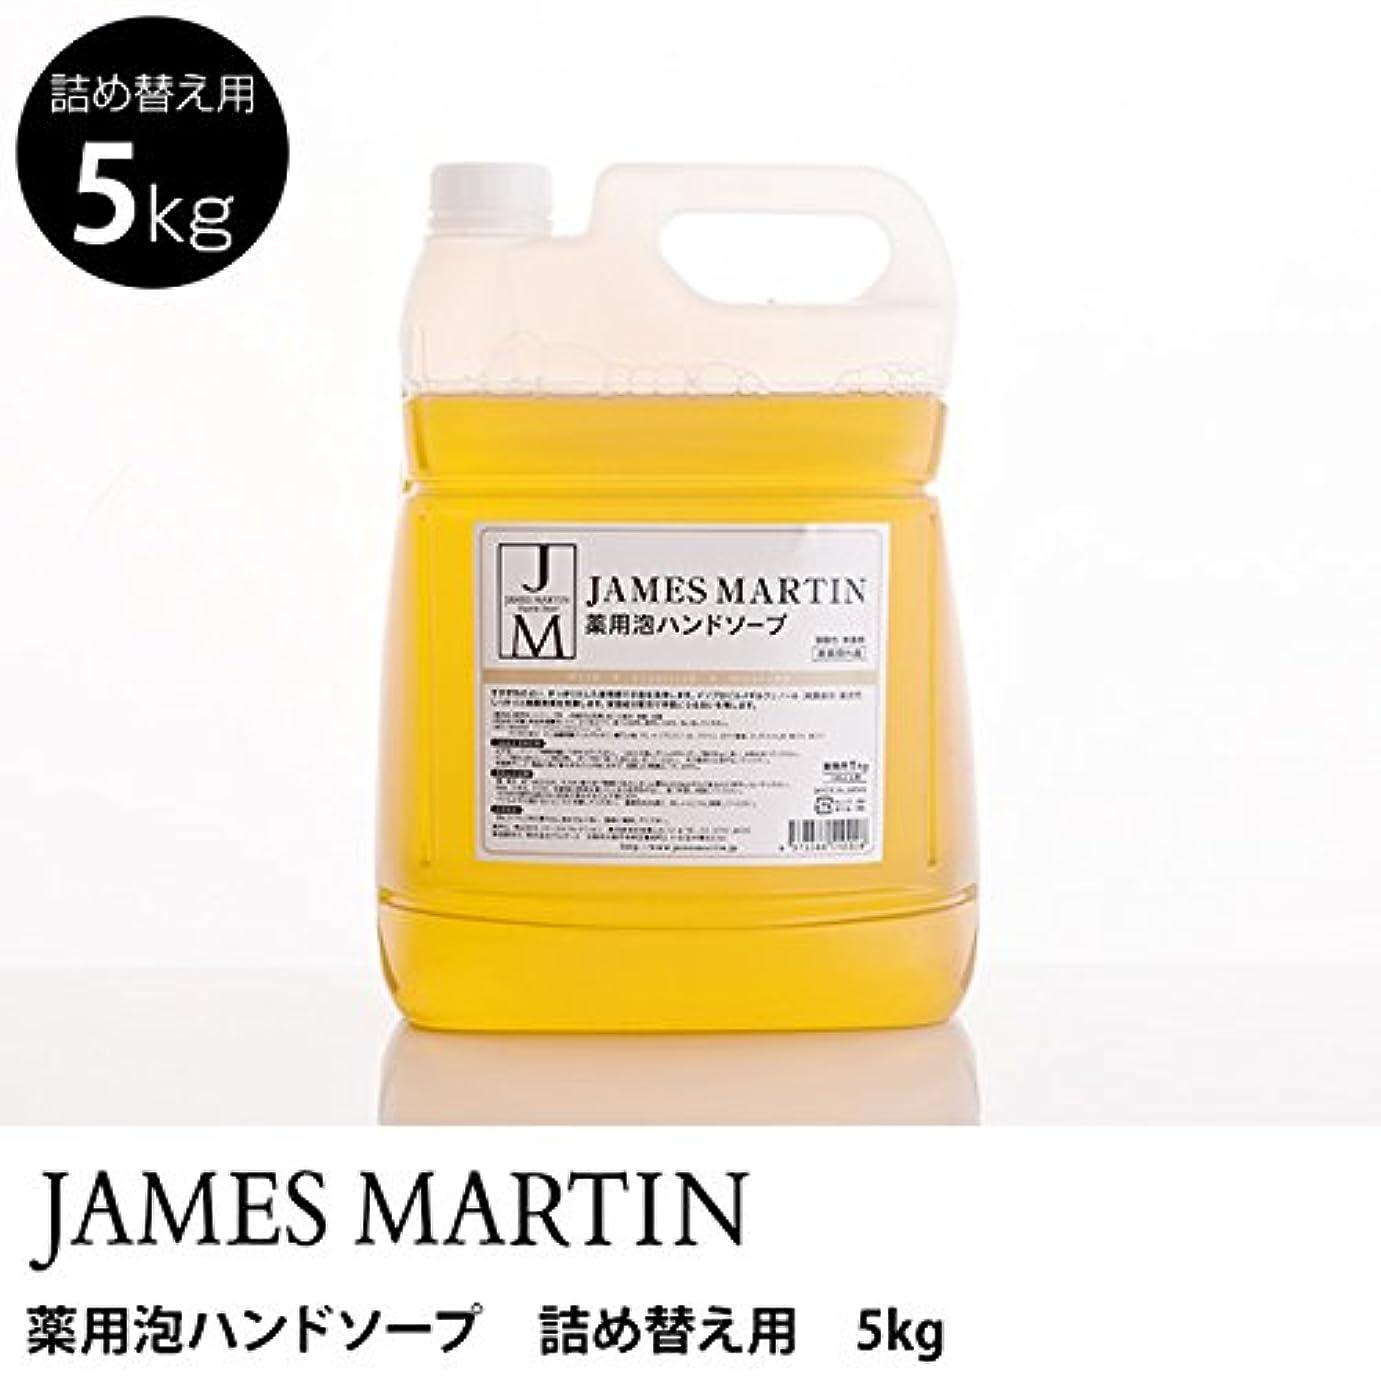 セント価値のないデコレーションジェームズマーティン 薬用泡ハンドソープ(無香料) 詰替用 5kg